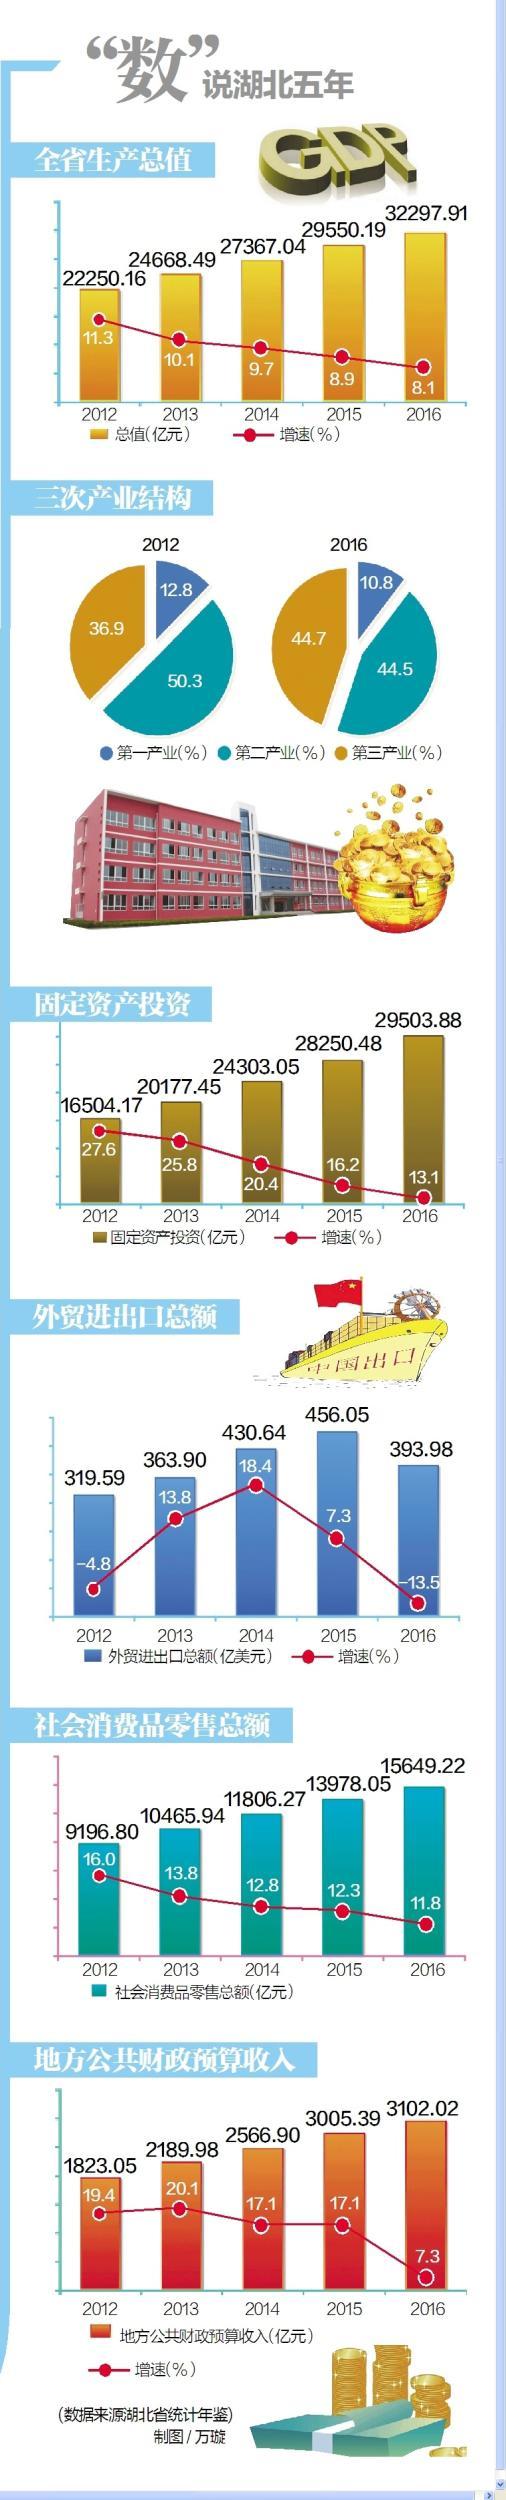 2013湖北各县gdp_湖北GDP过500亿元县市区达9个县域经济占比突破六成